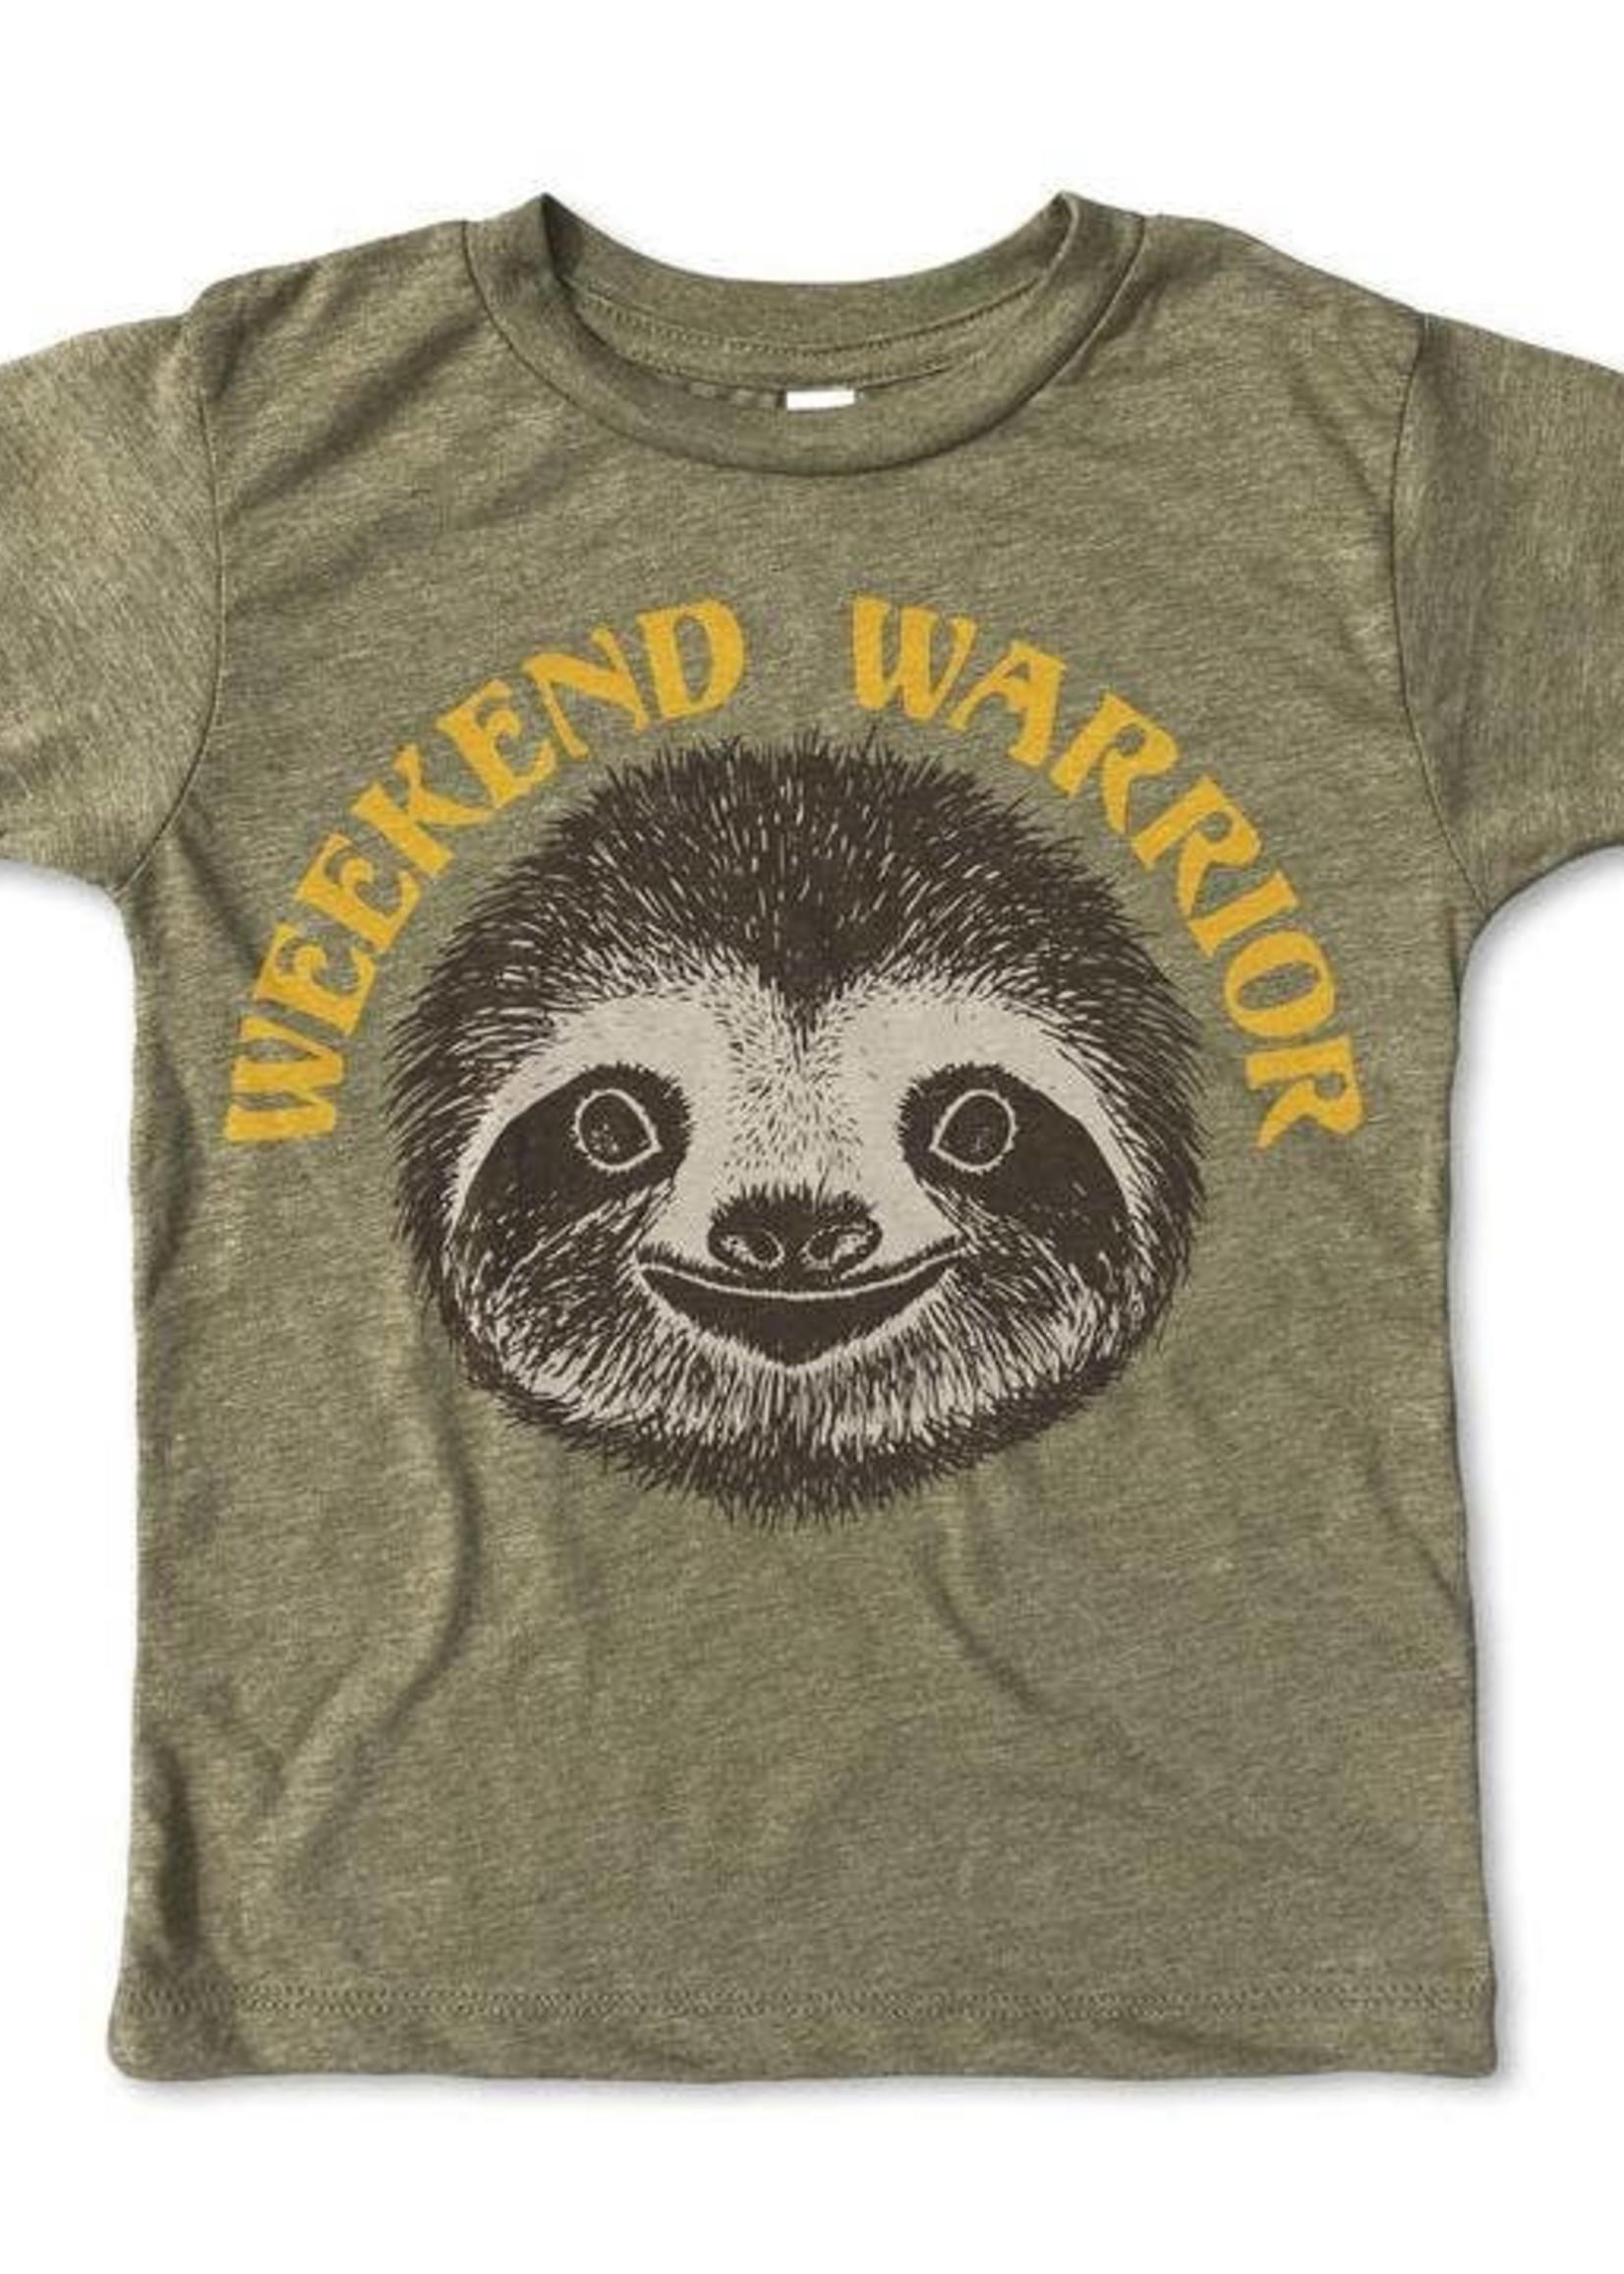 Rivet apparel Weekend Warrior Tee